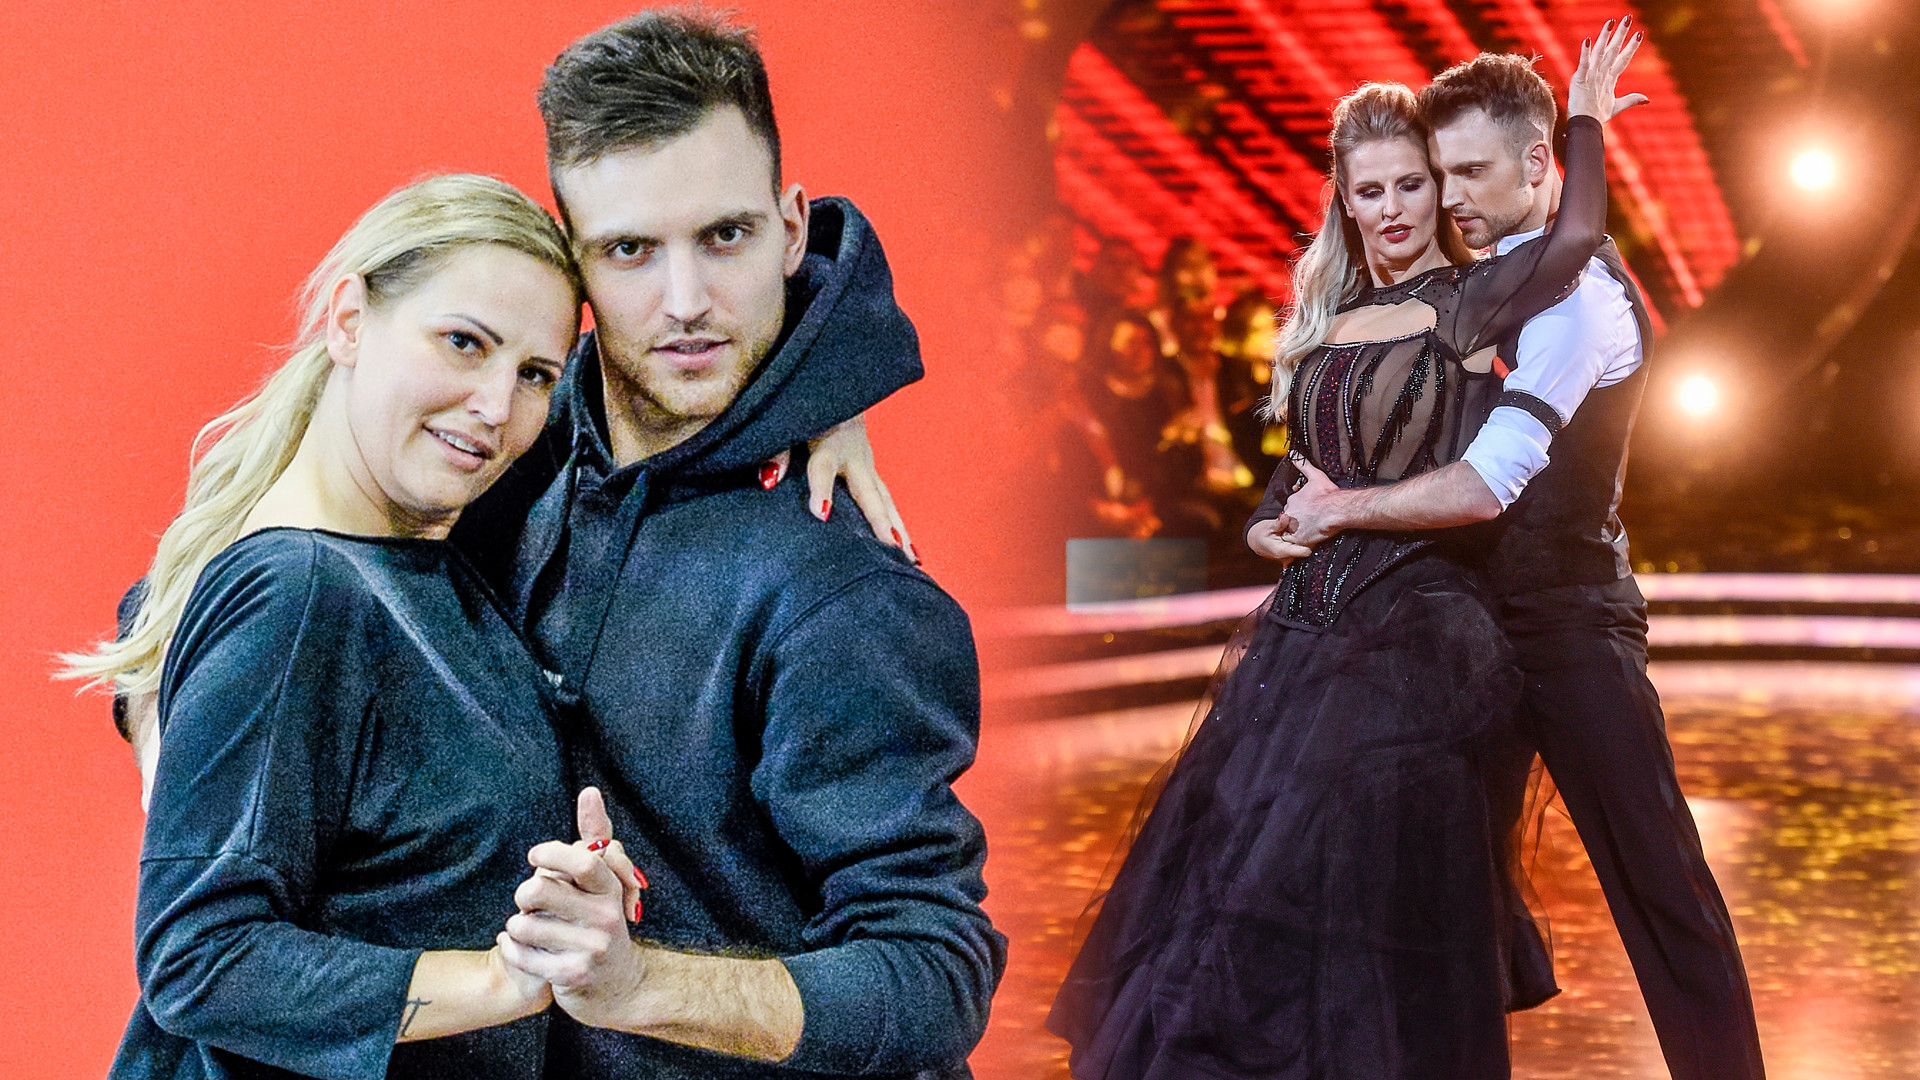 Wojtek Jeschke, z którym Dominika Tajner tańczyła w TzG, skomentował rozstanie jej i Michała